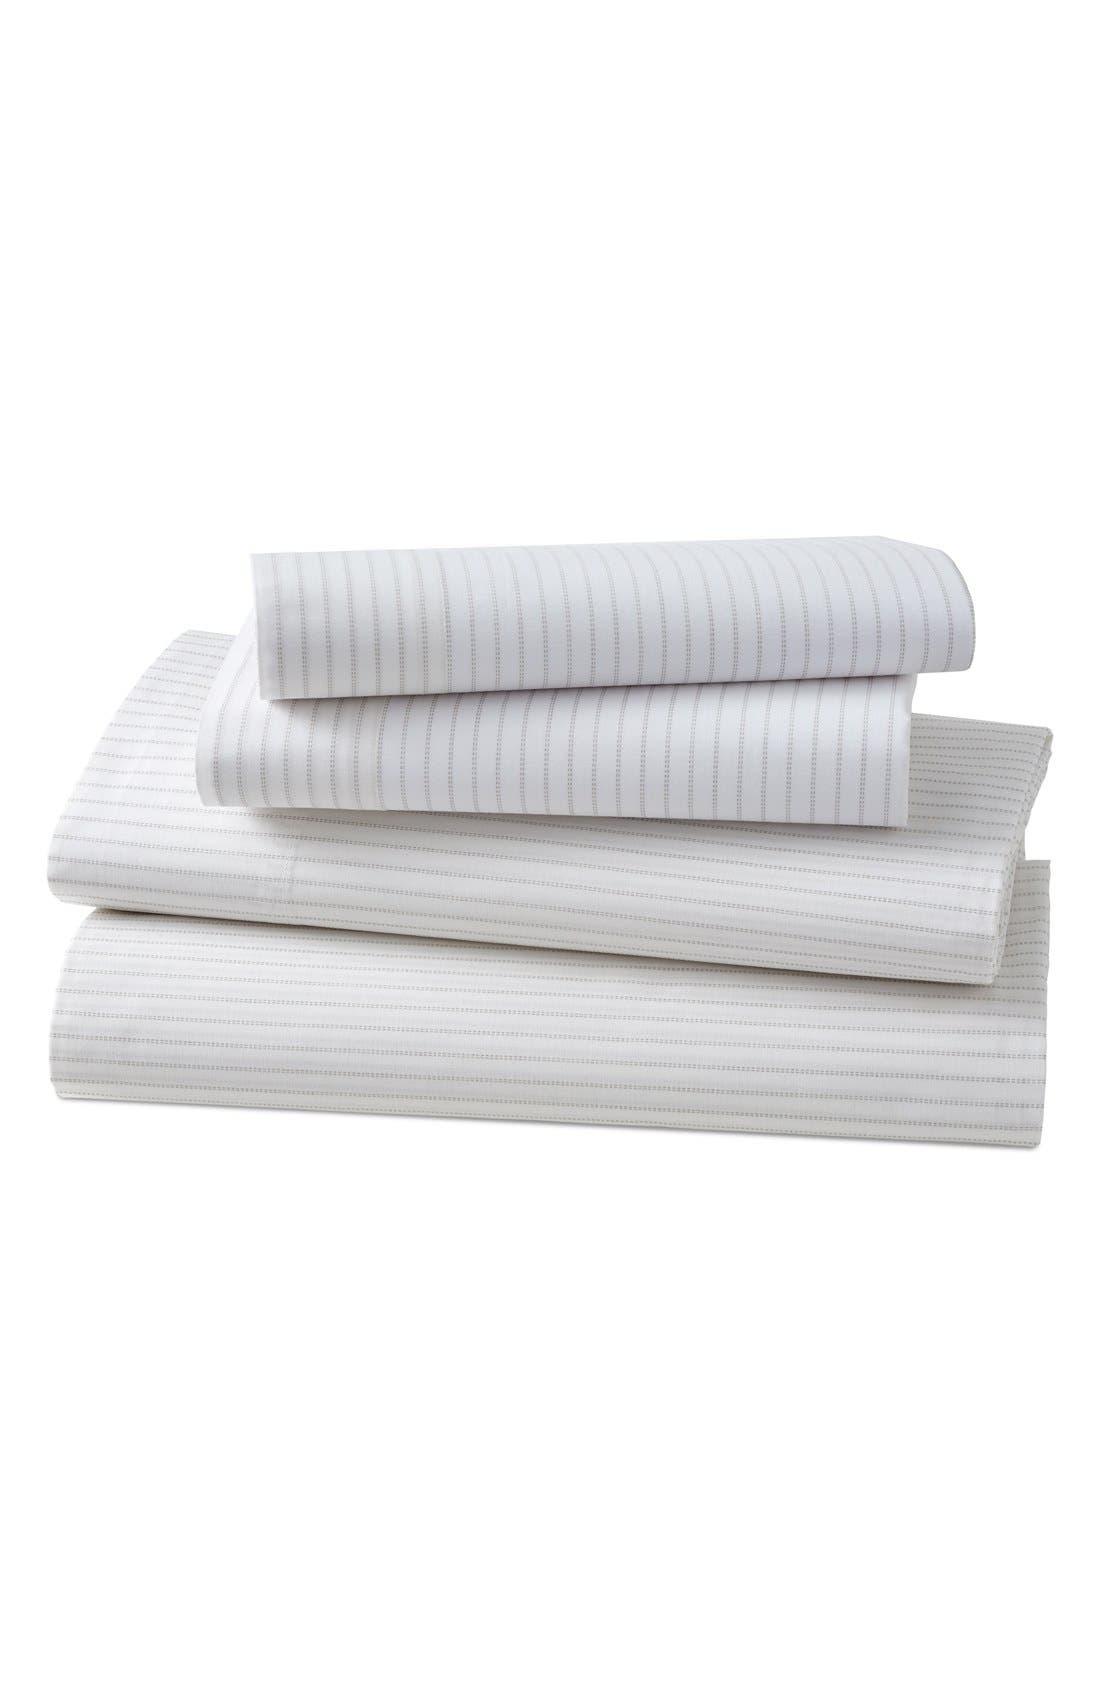 KASSATEX Ascott 200 Thread Count Flat Sheet